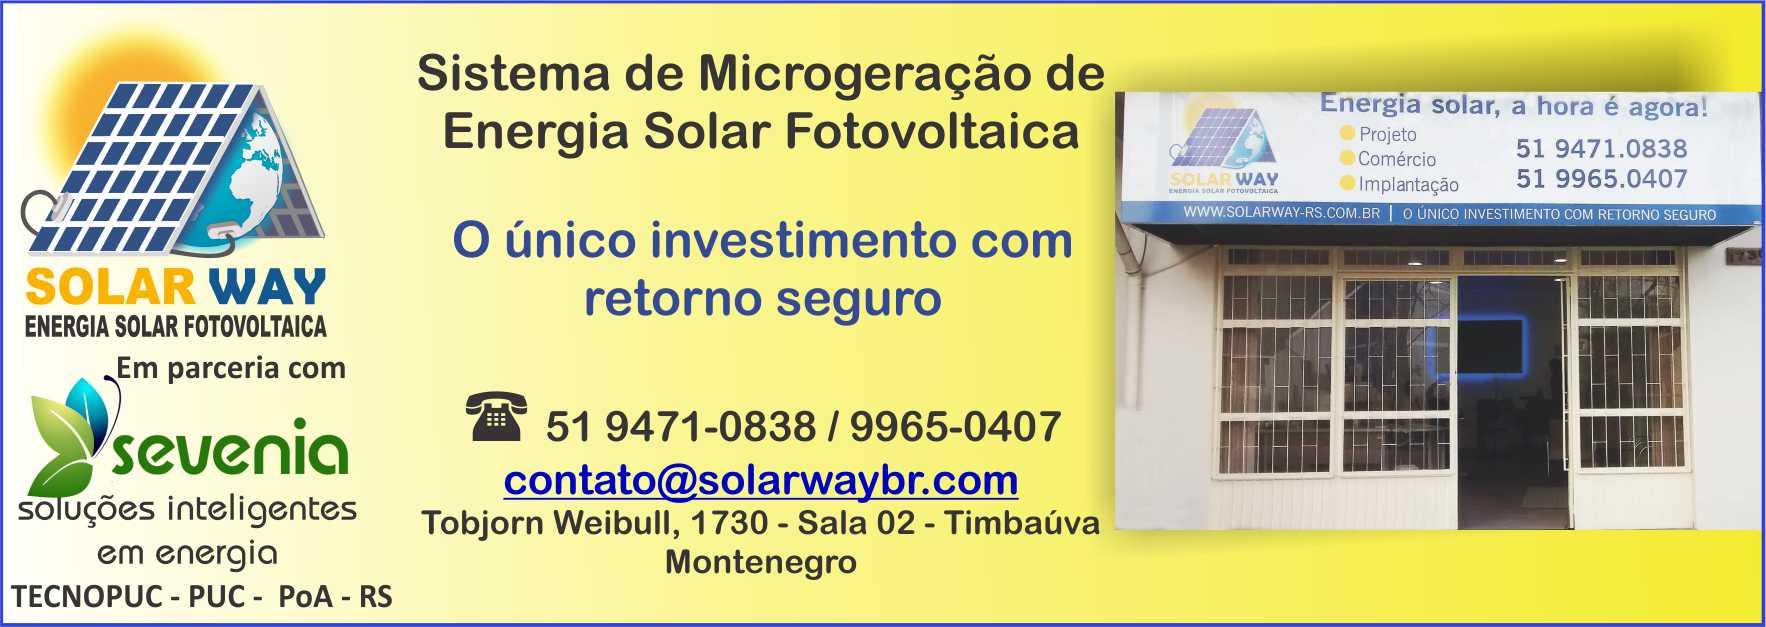 Solarway 3m